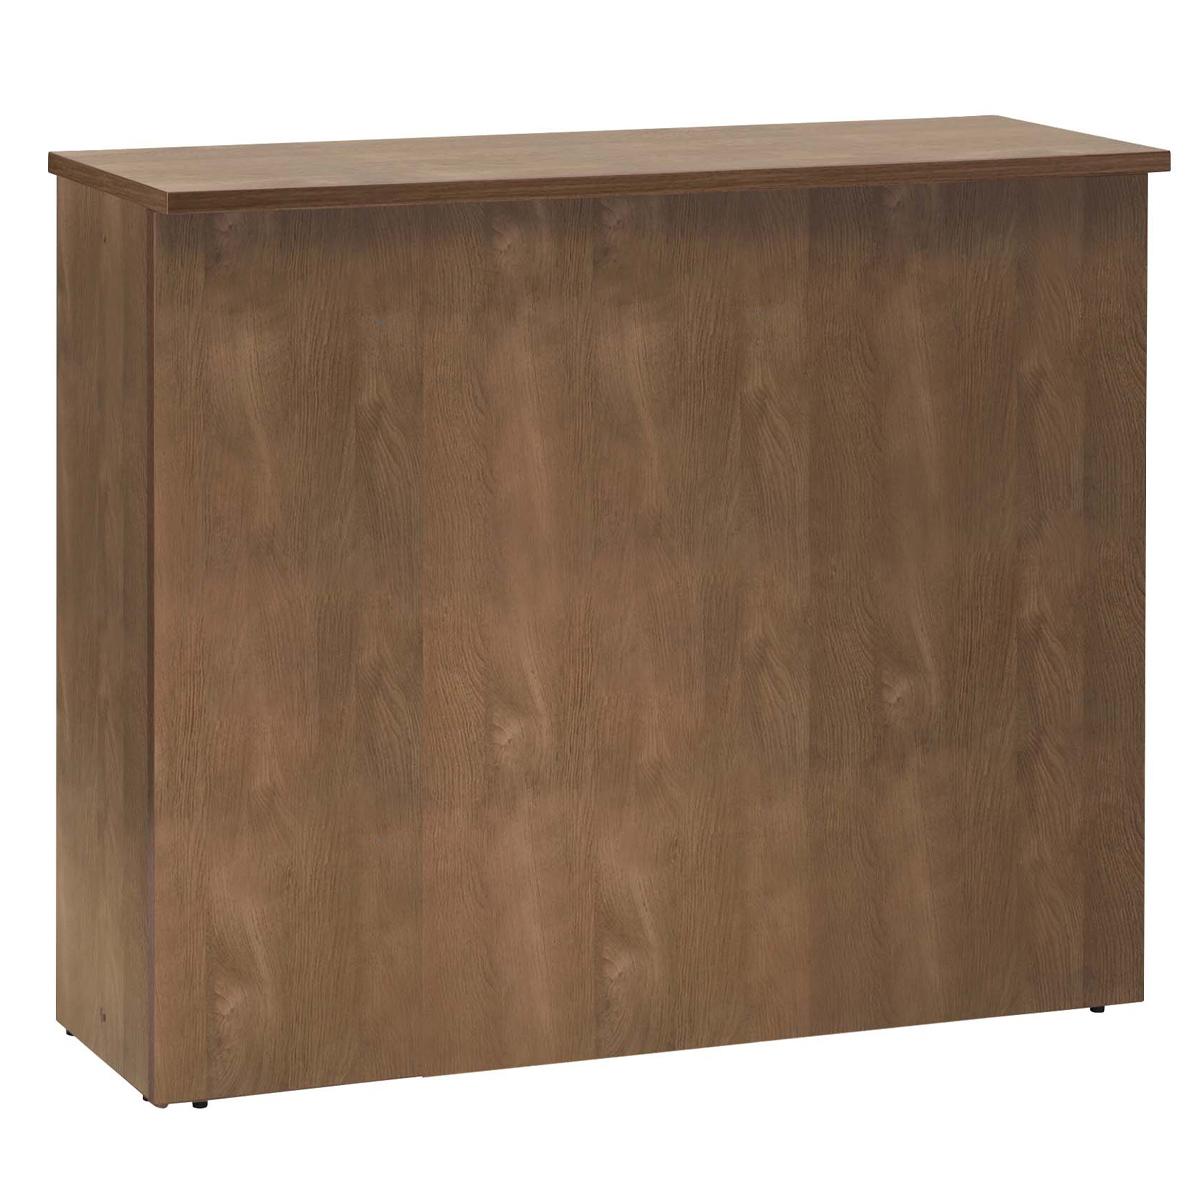 ジェイ ハイカウンター W1200×D450×H1000mm ウォルナット エントランスカウンター 受付カウンター オフィスカウンター オフィス家具